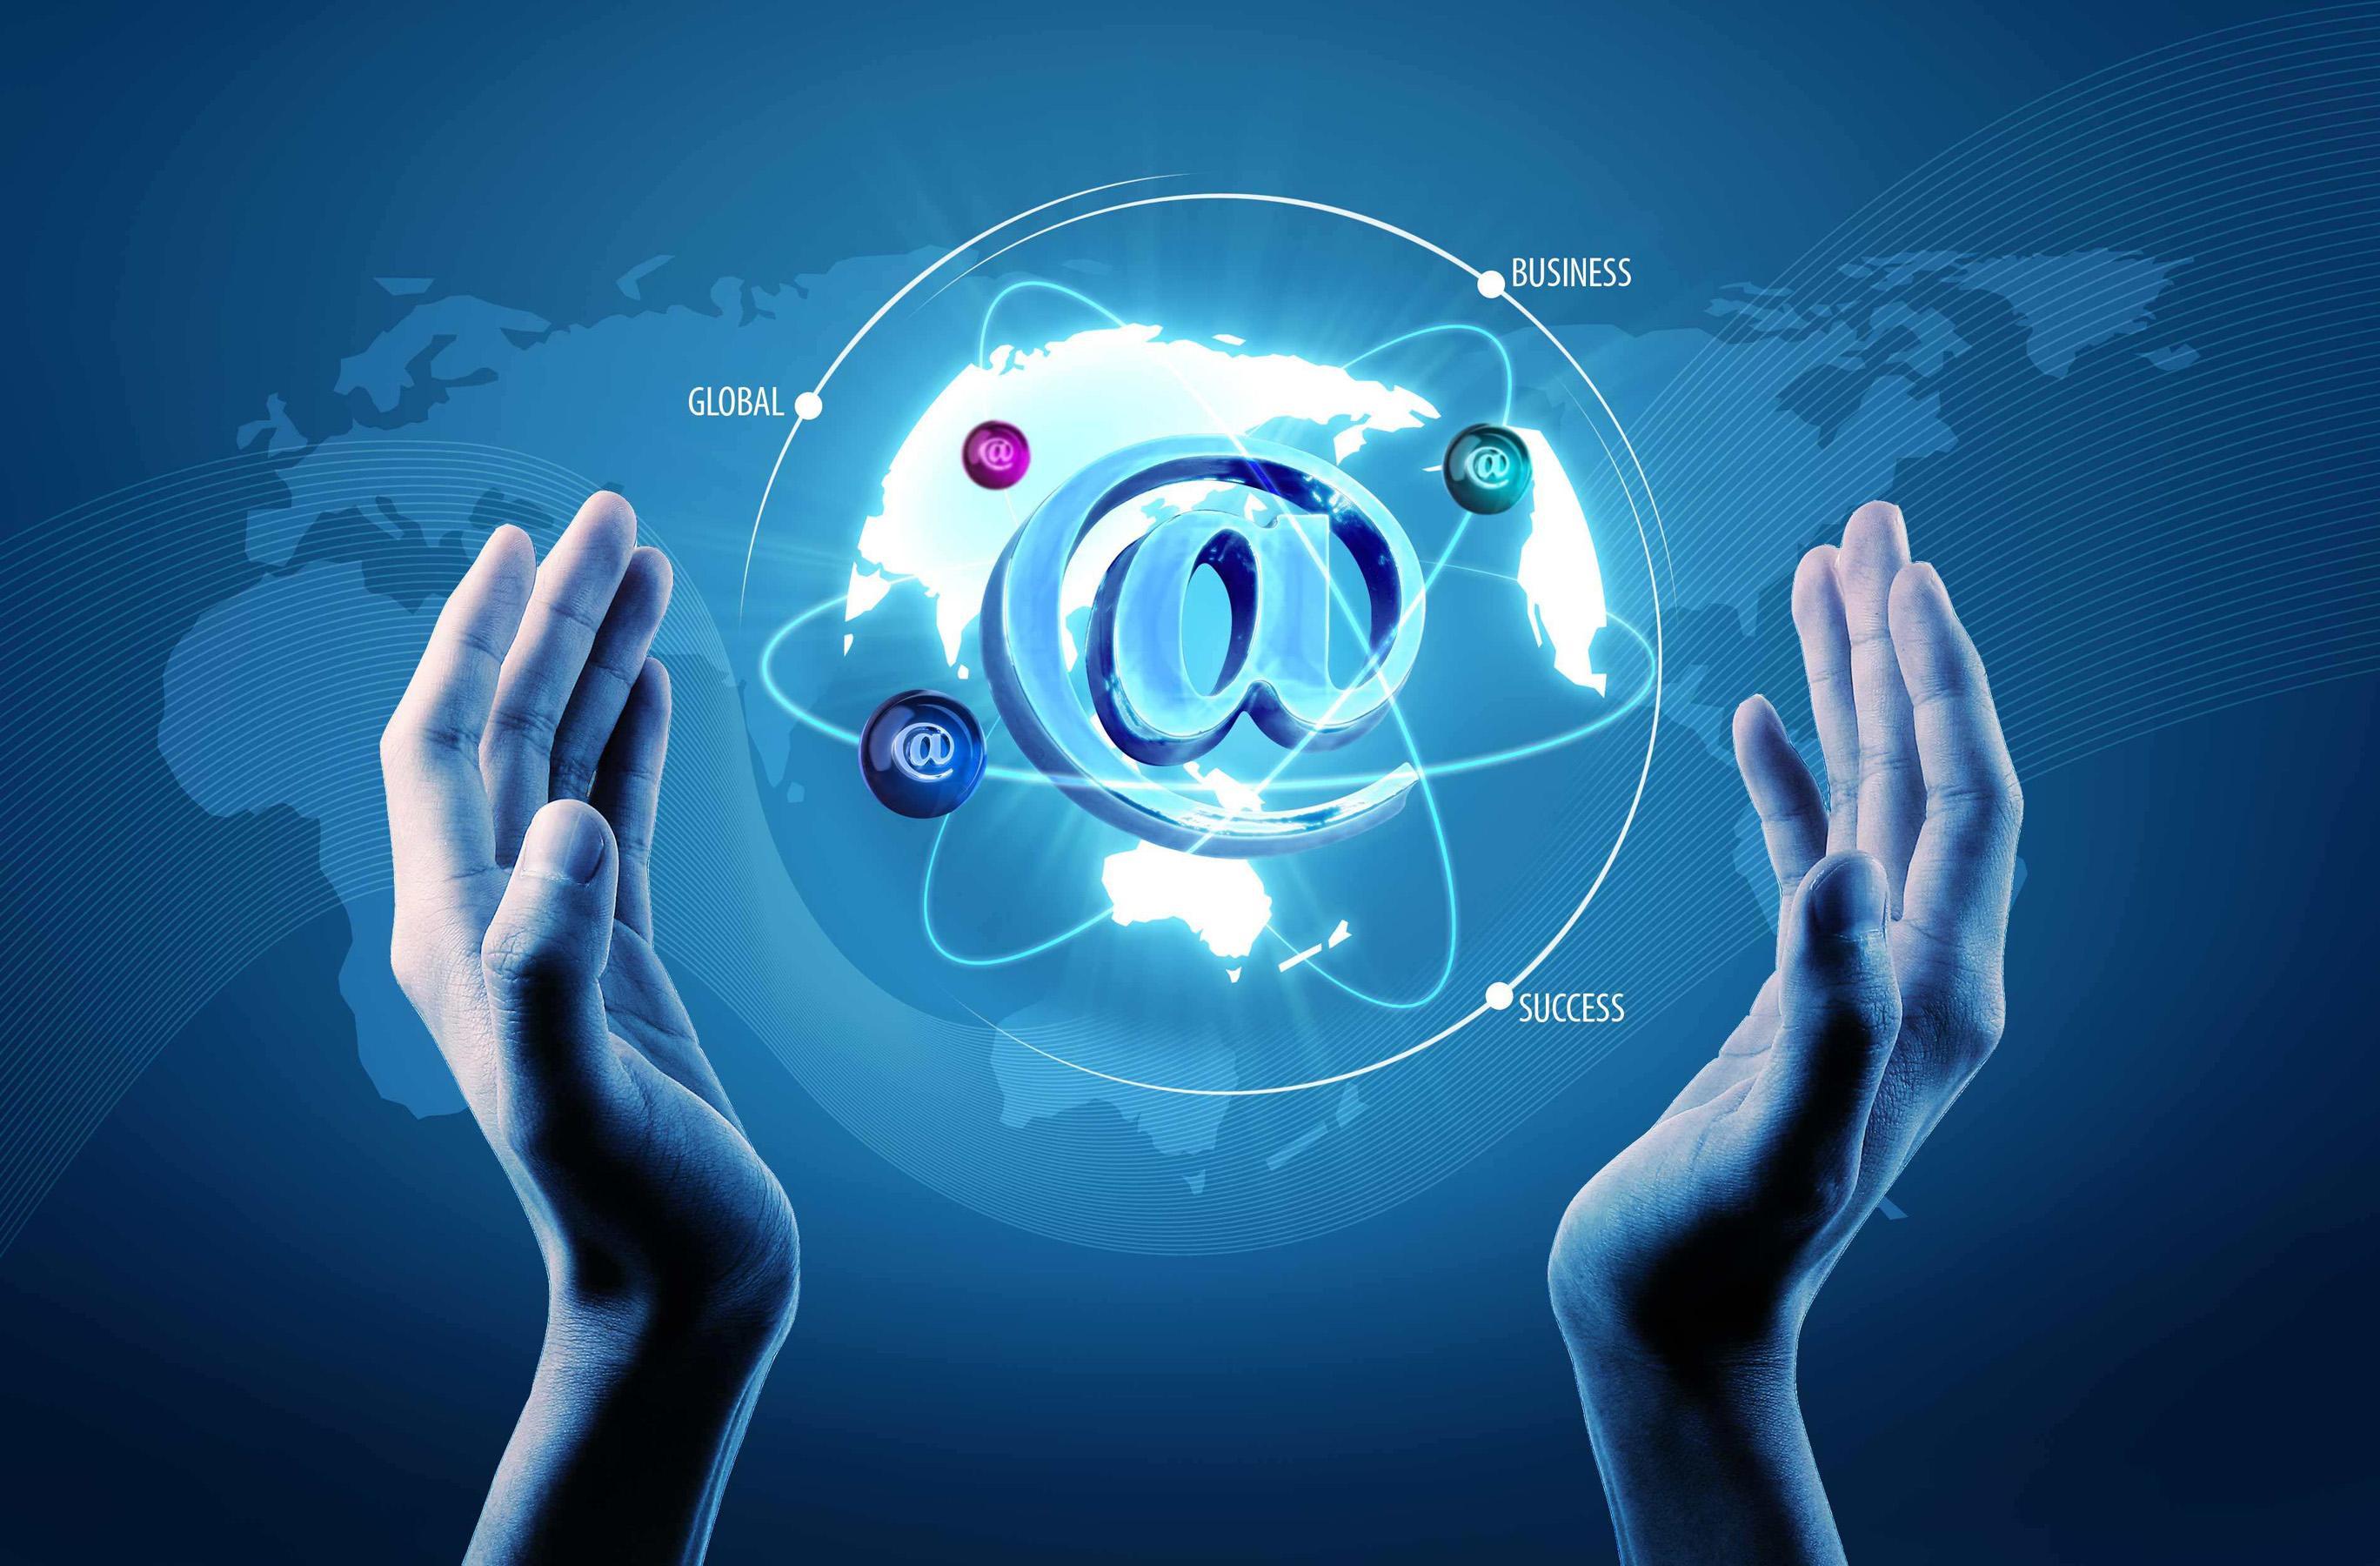 你知道网络推广通常有哪些途径吗?